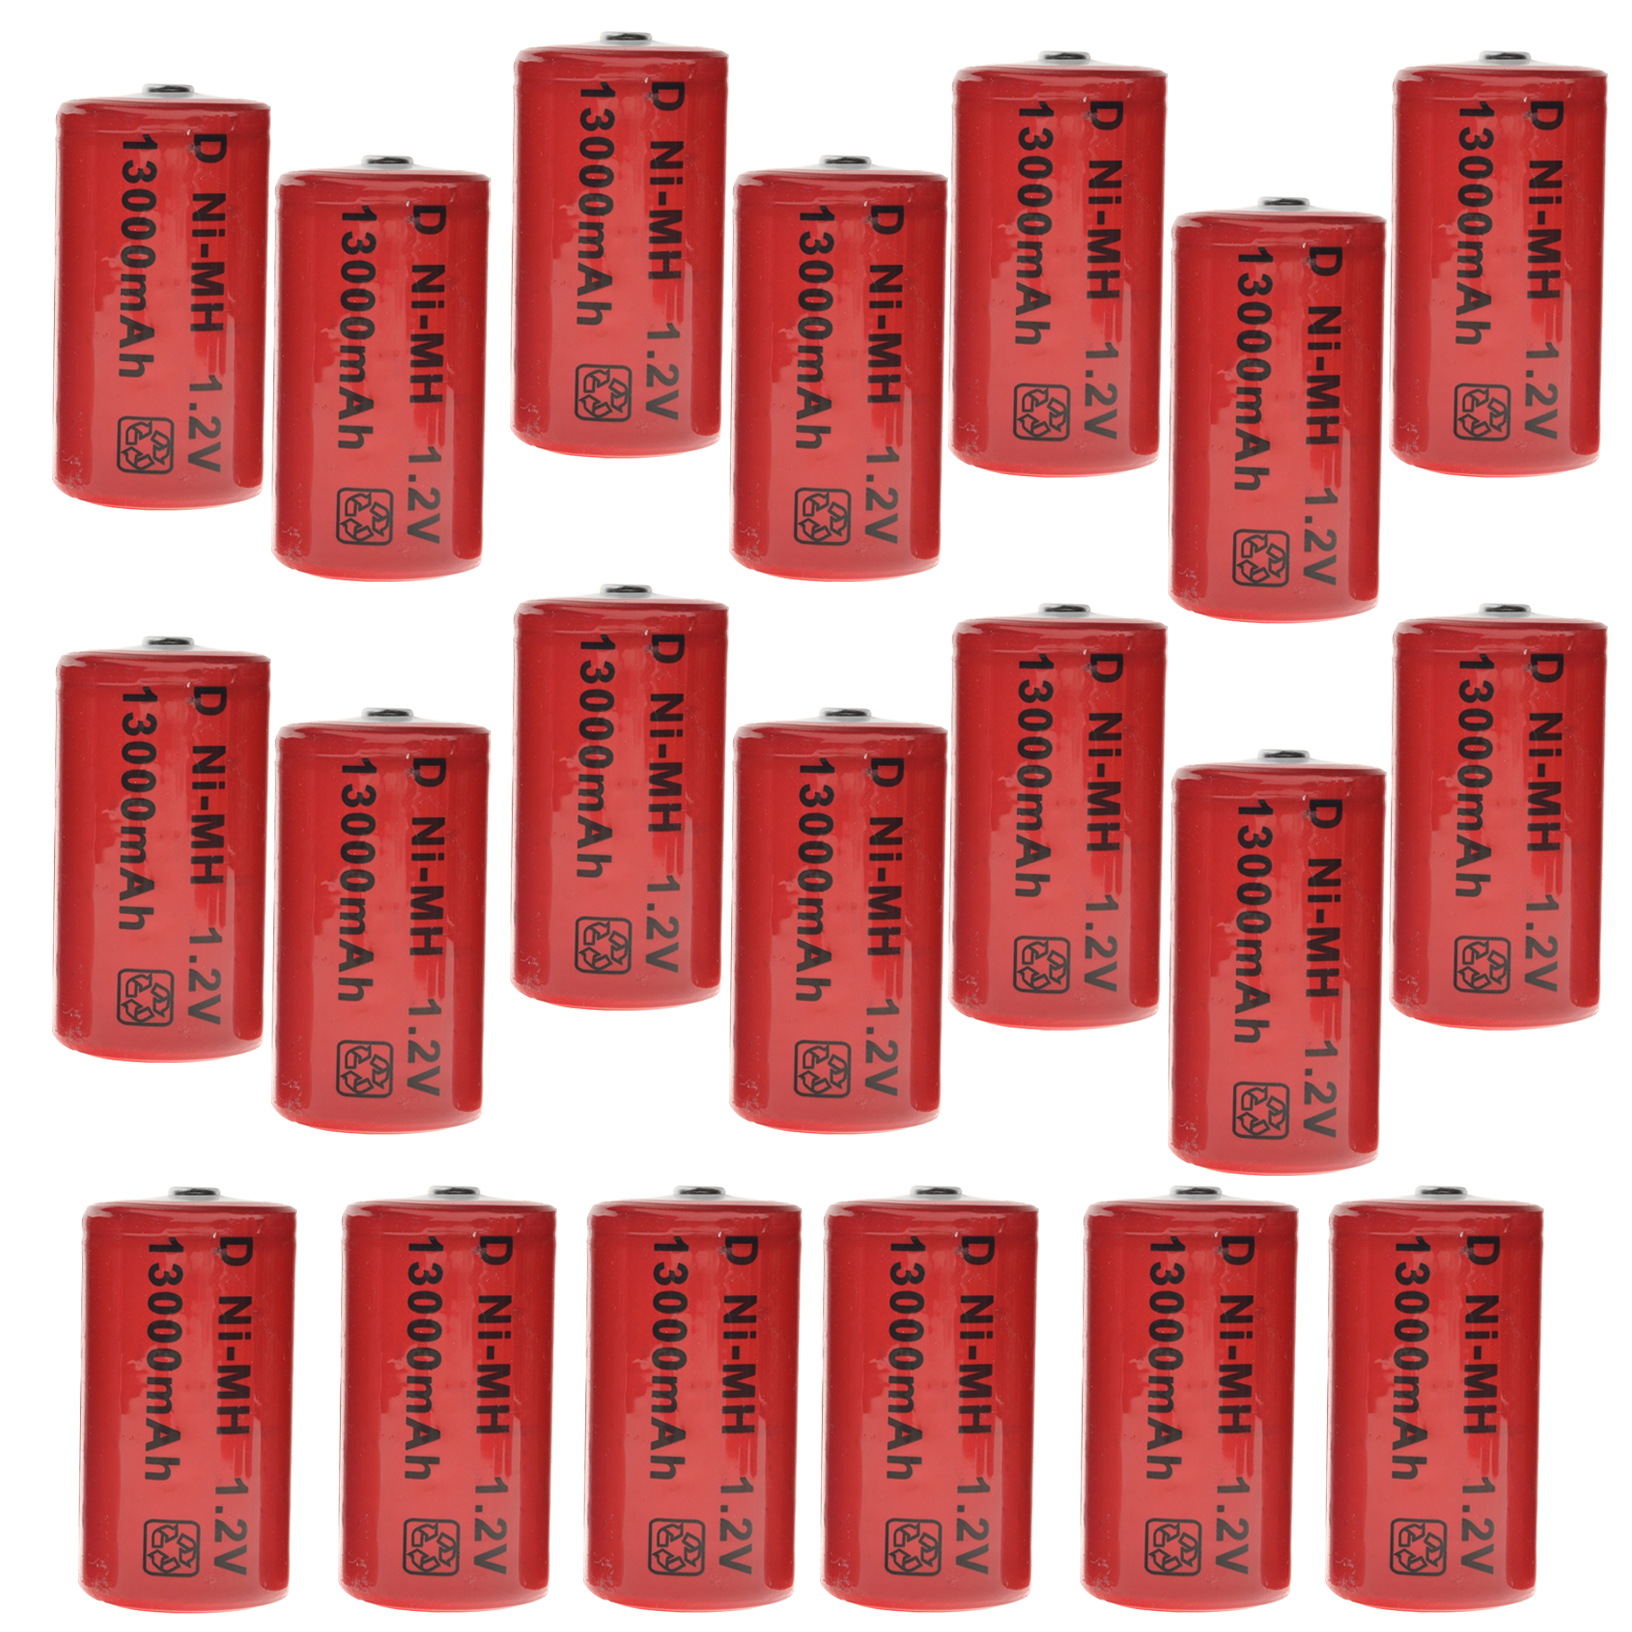 20 pièces D taille 1.2 v Ni-MH 13000 mAh D batterie Rechargeable avec onglets argent